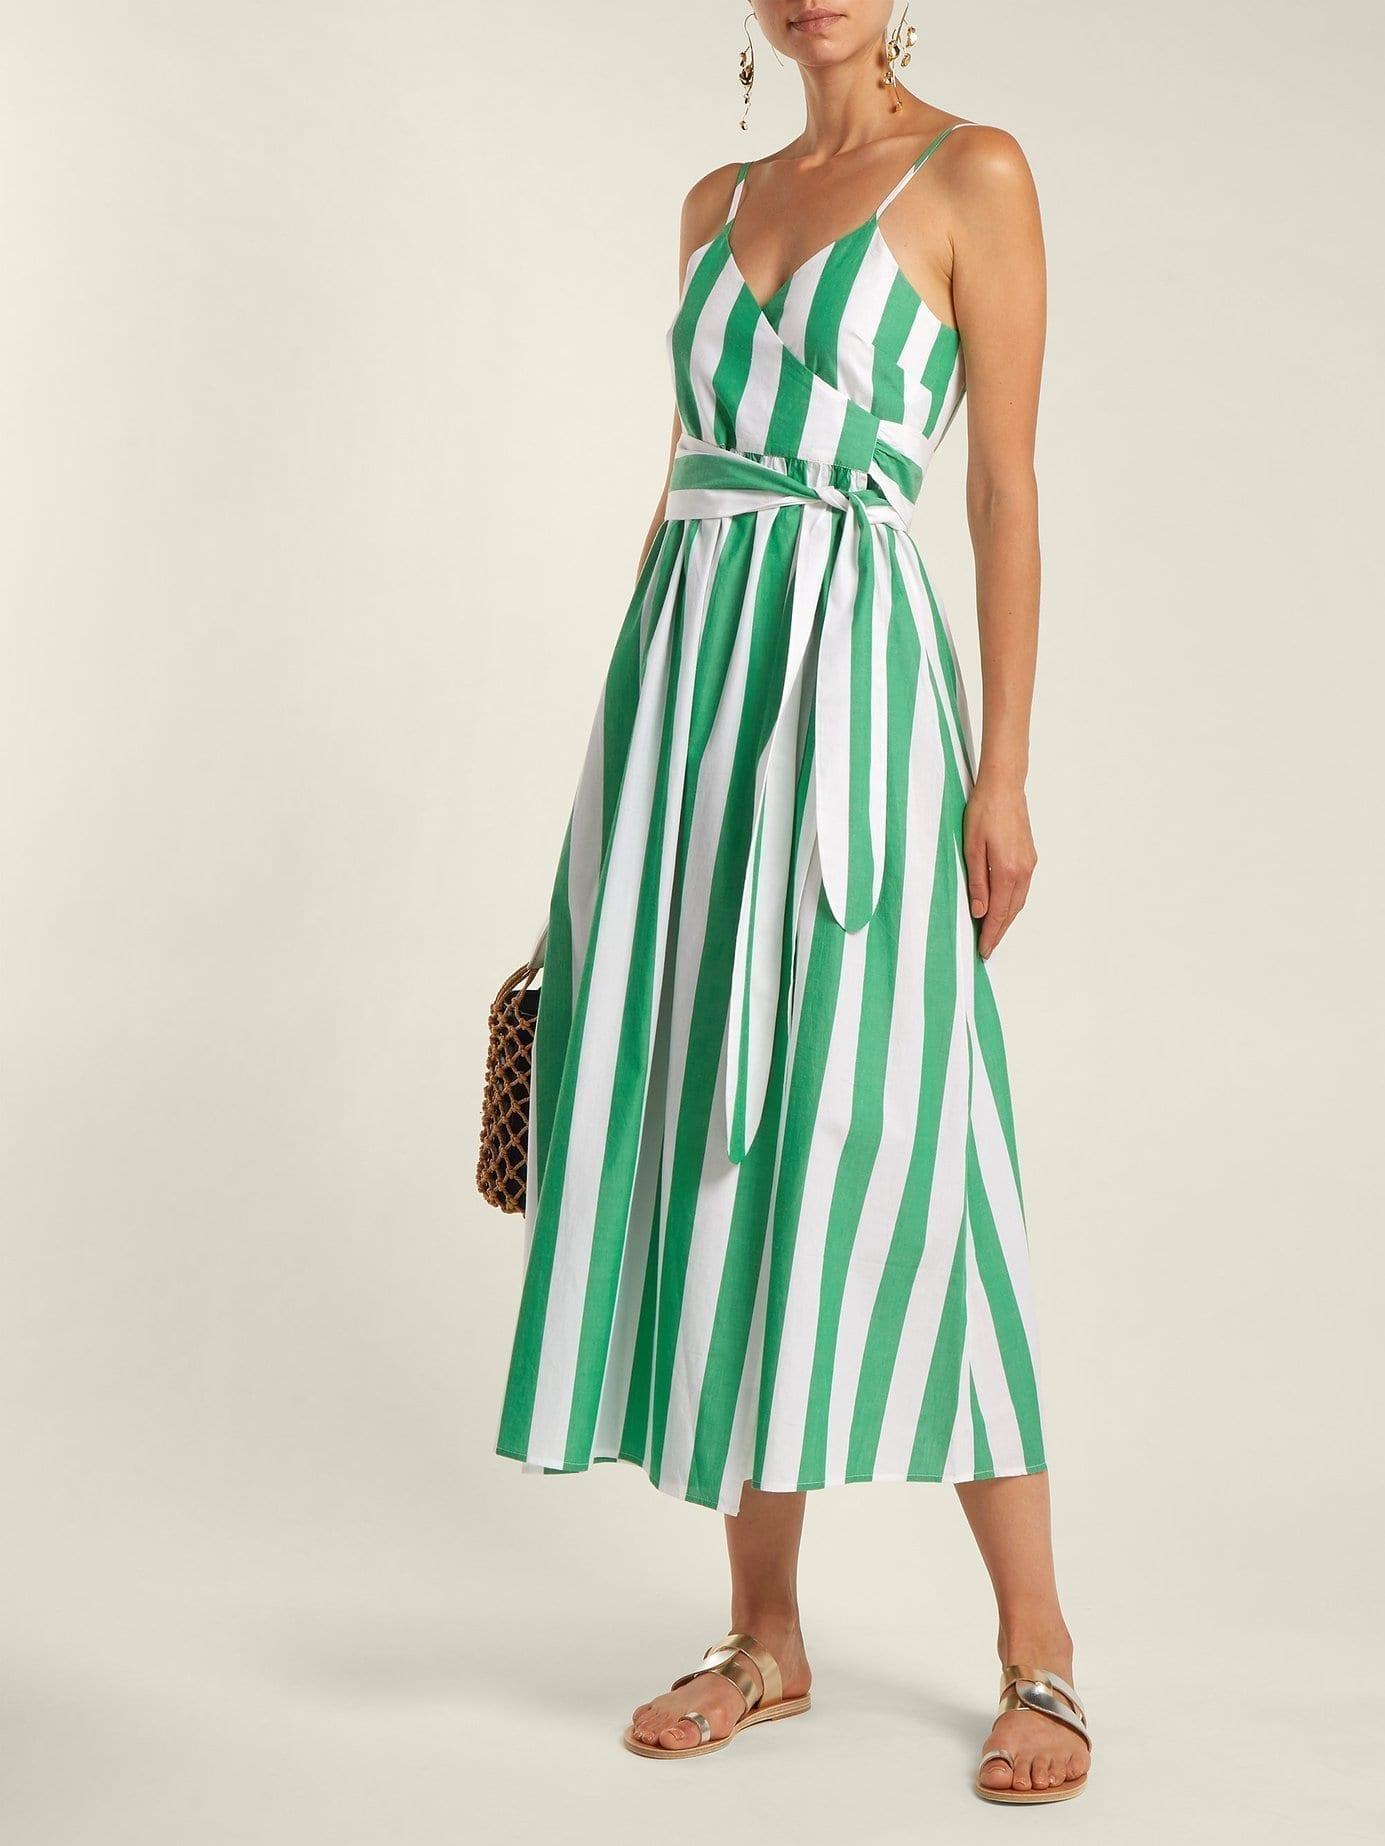 MARA HOFFMAN Alma Bungalow Stripe Wrap Green / White Dress